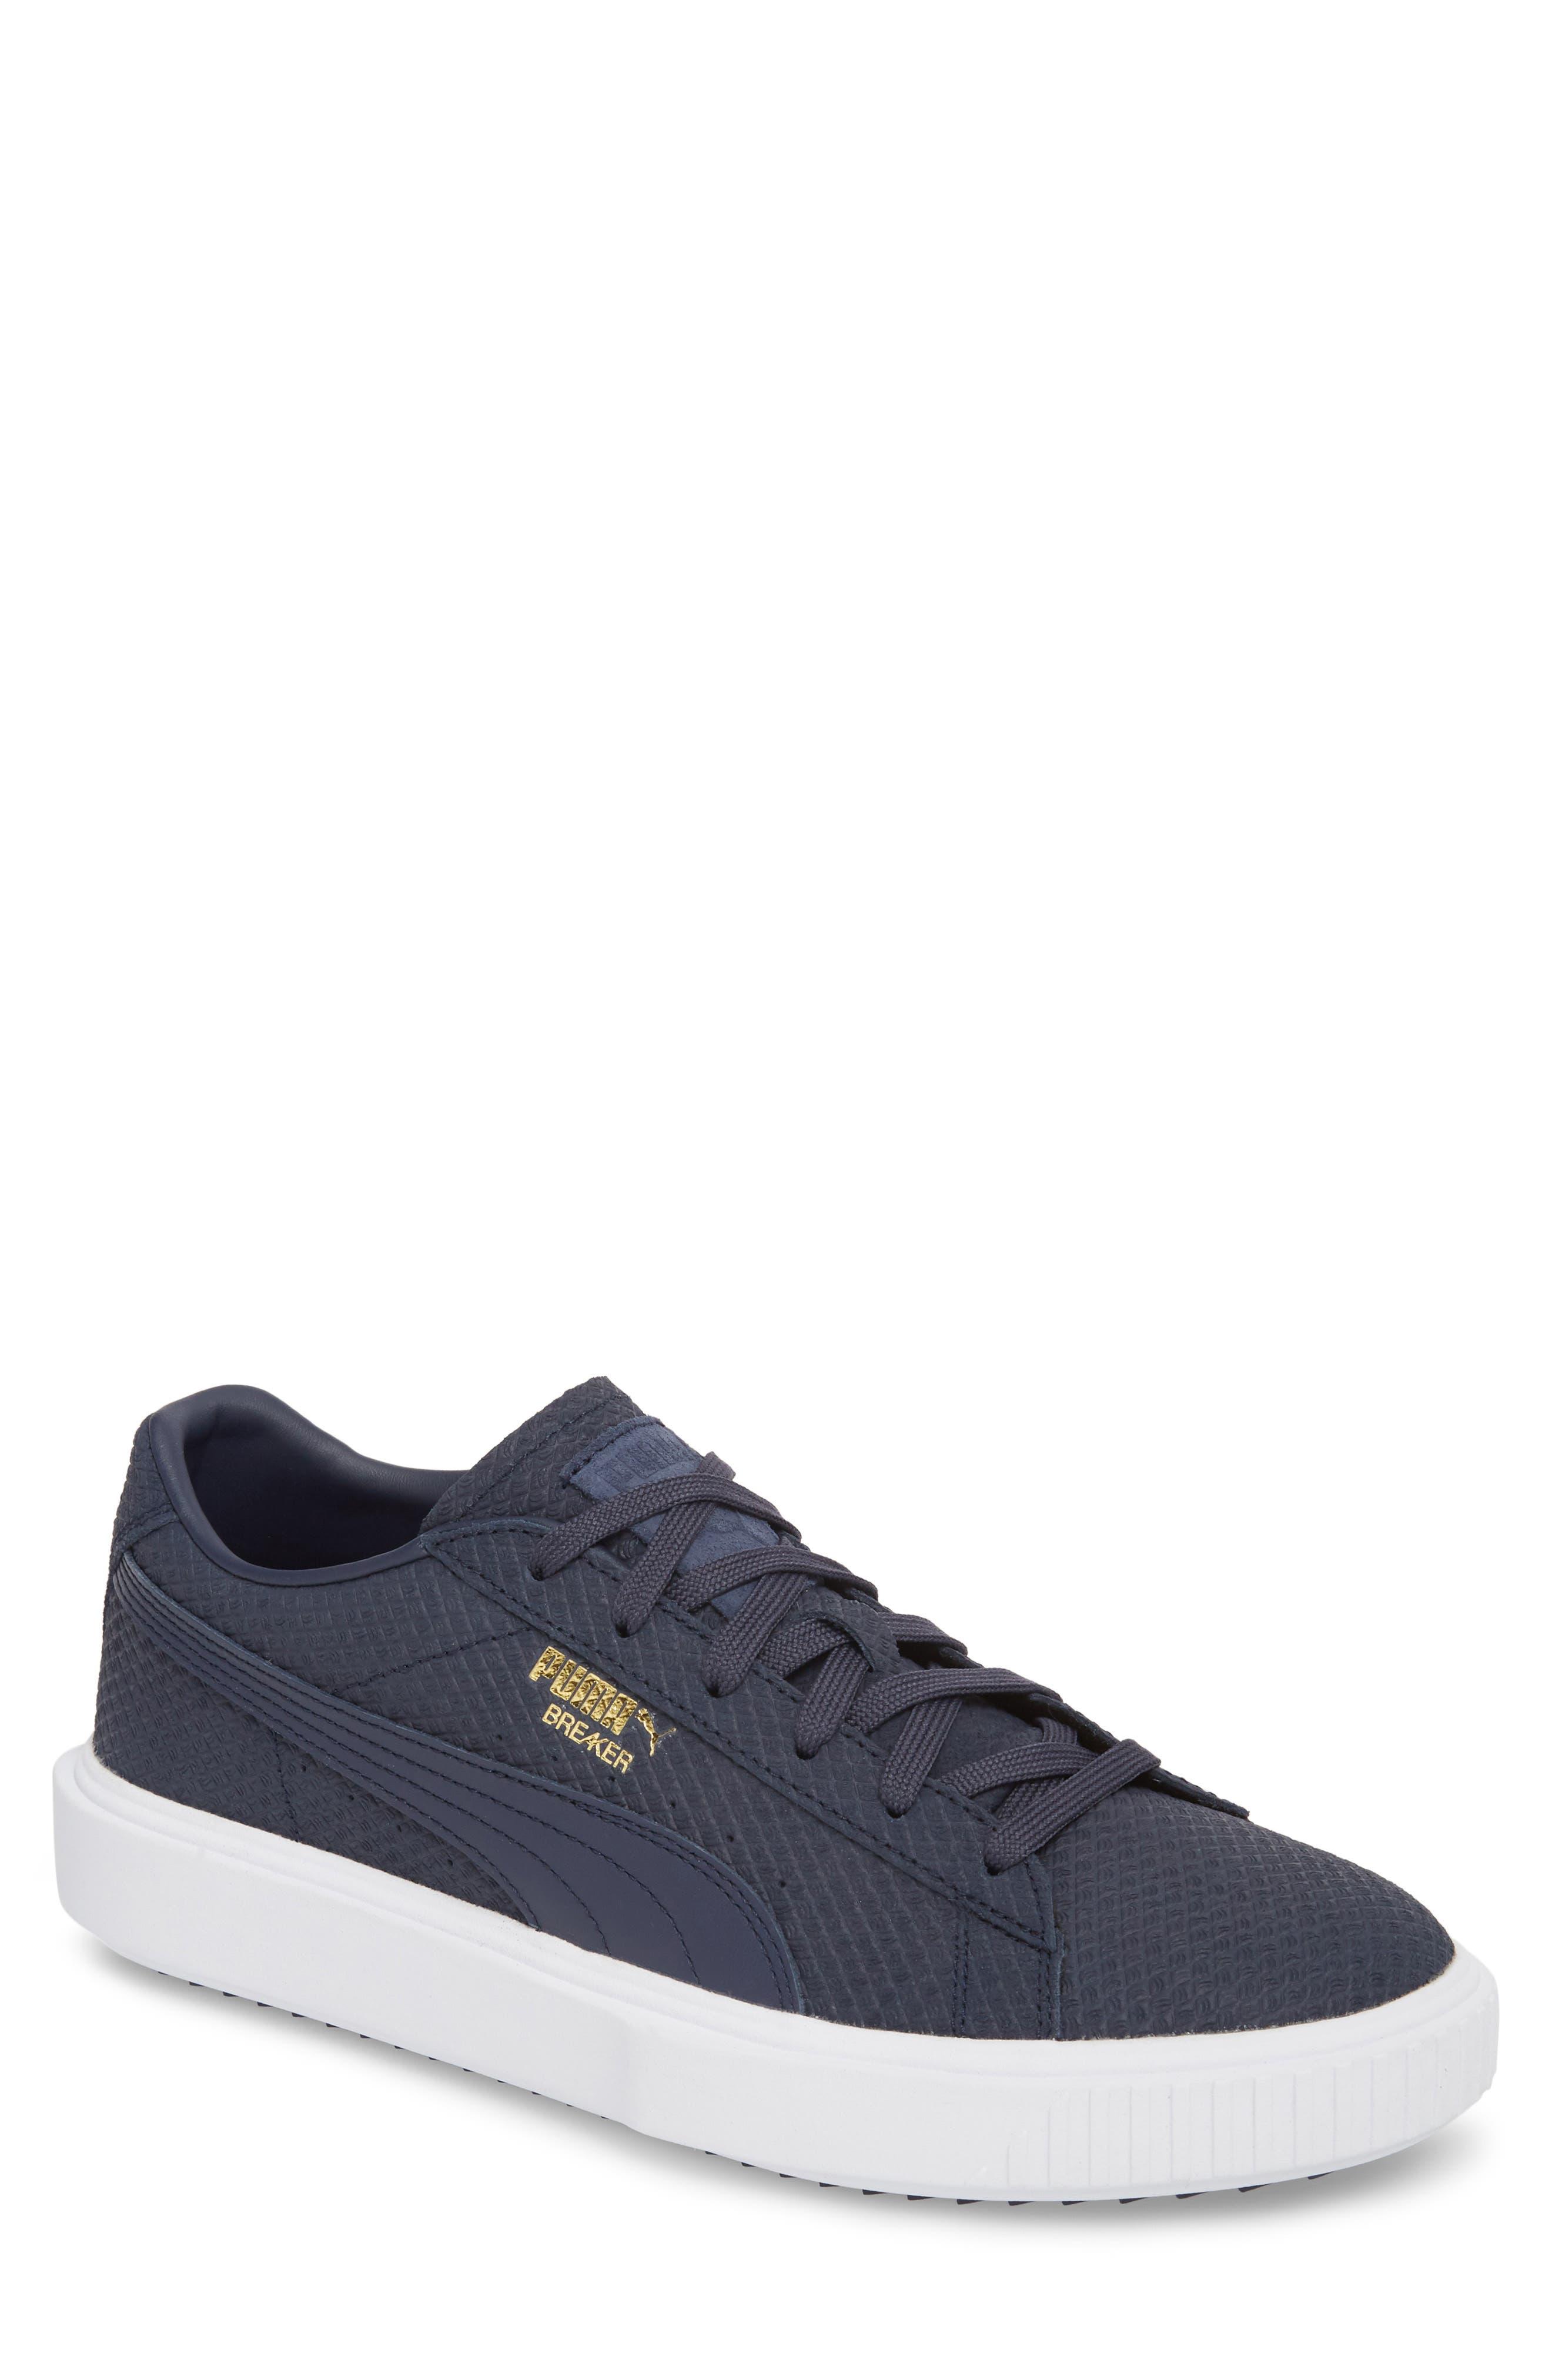 PUMA Breaker Suede Sneaker (Men)